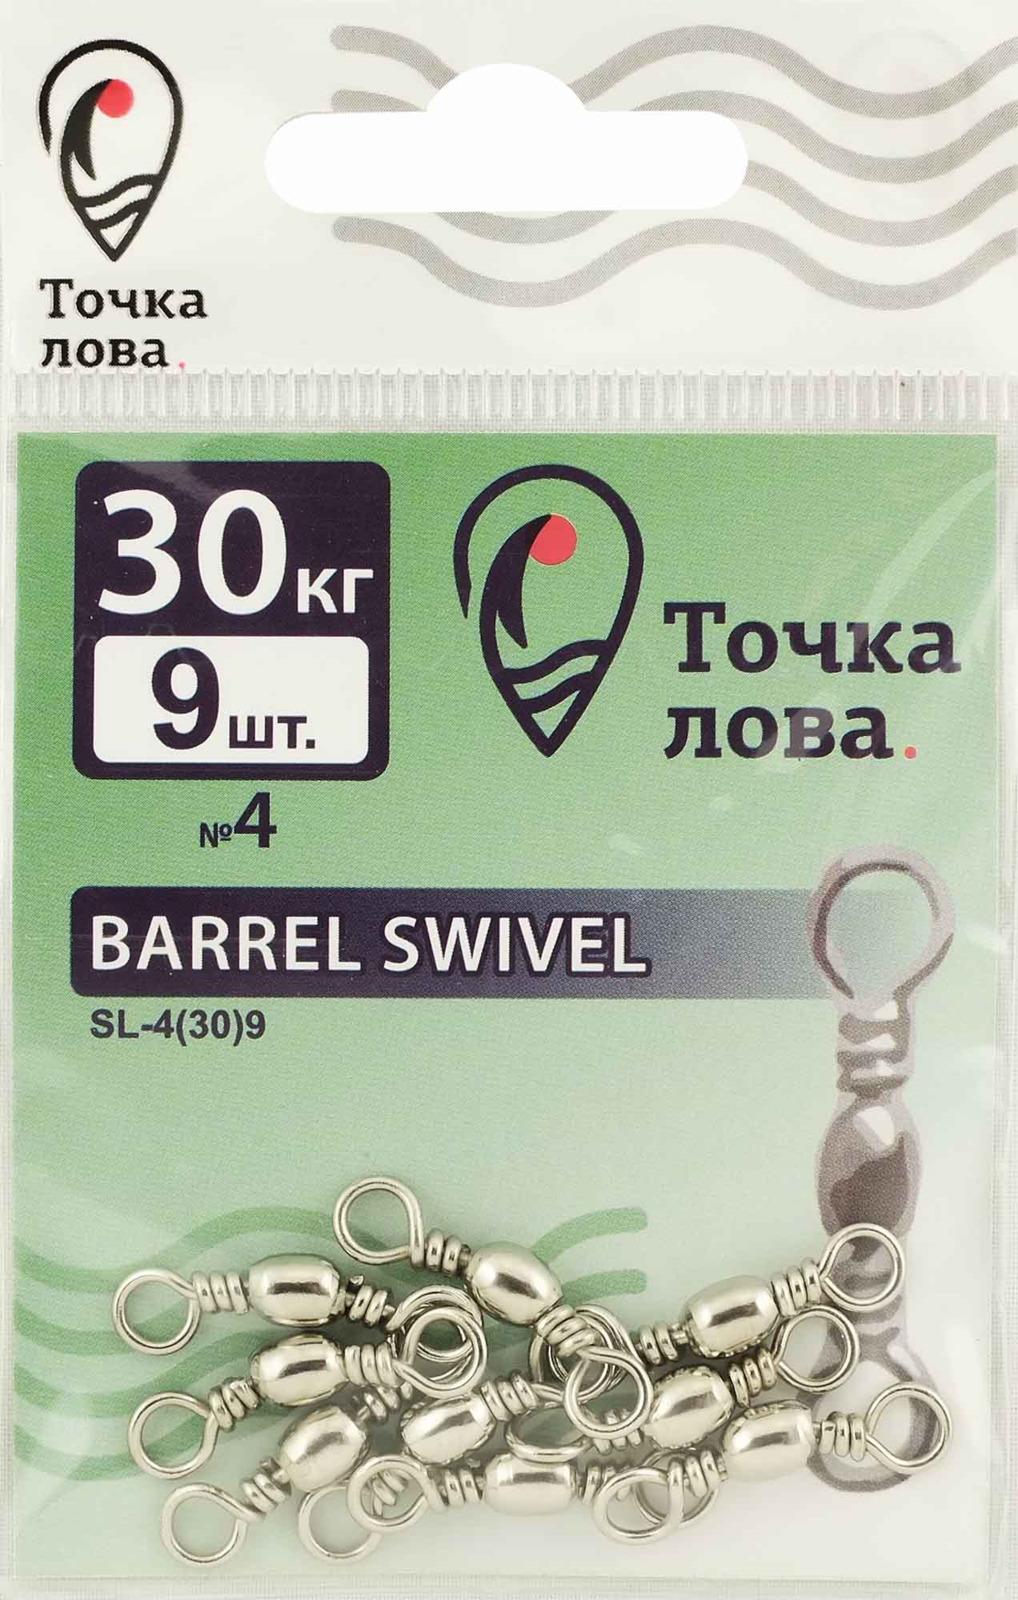 Вертлюг рыболовный Точка Лова Бочка, SL-4(30), 9 шт